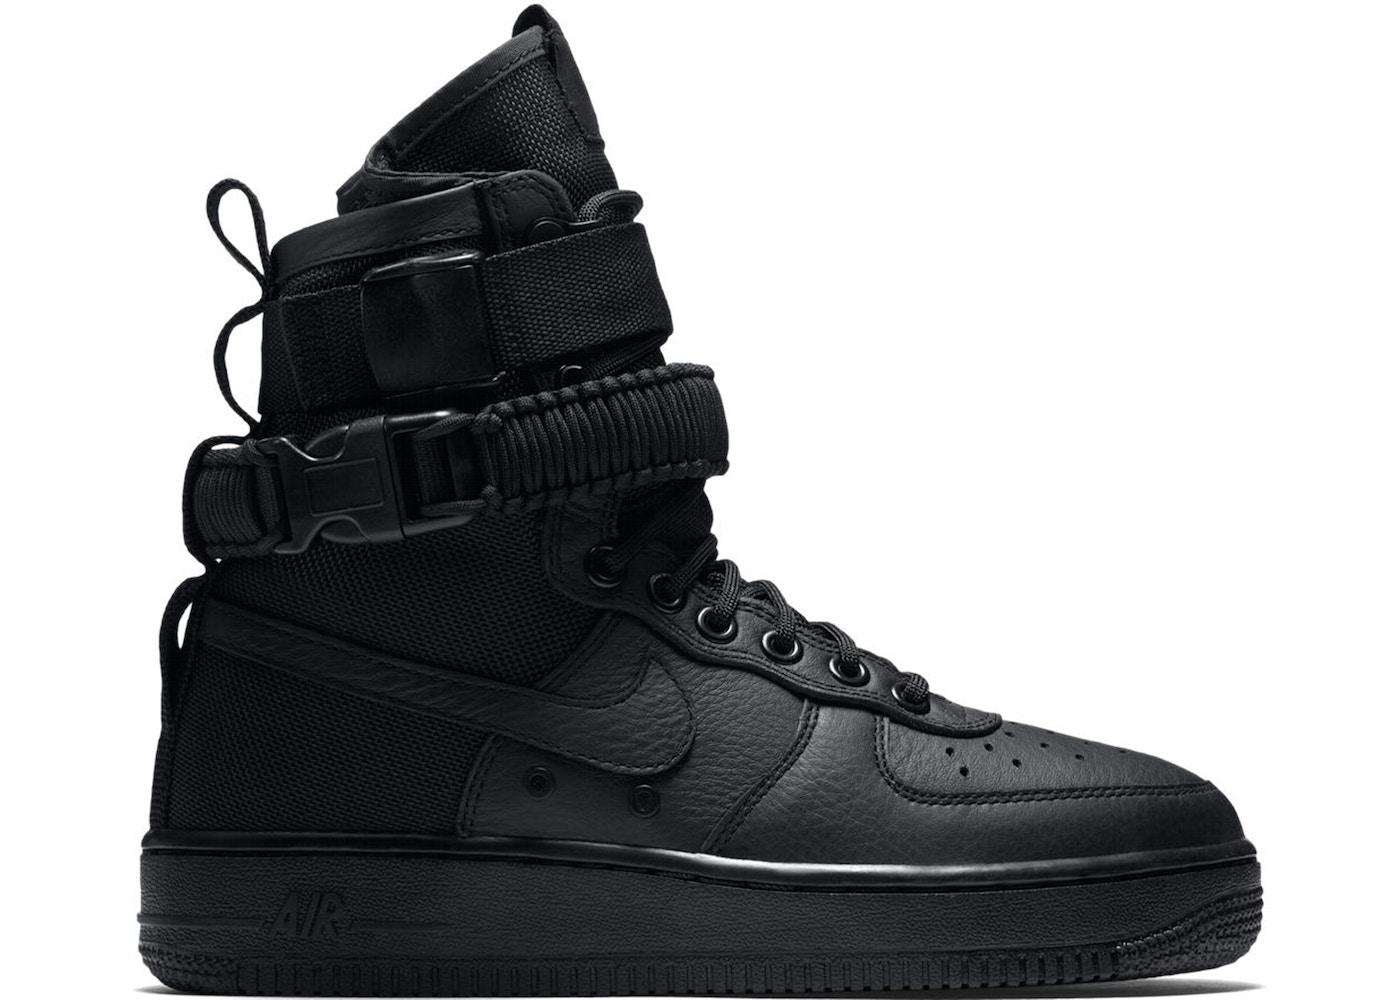 Nike Nike SF Air Force 1 High sneakers $185 Buy Online